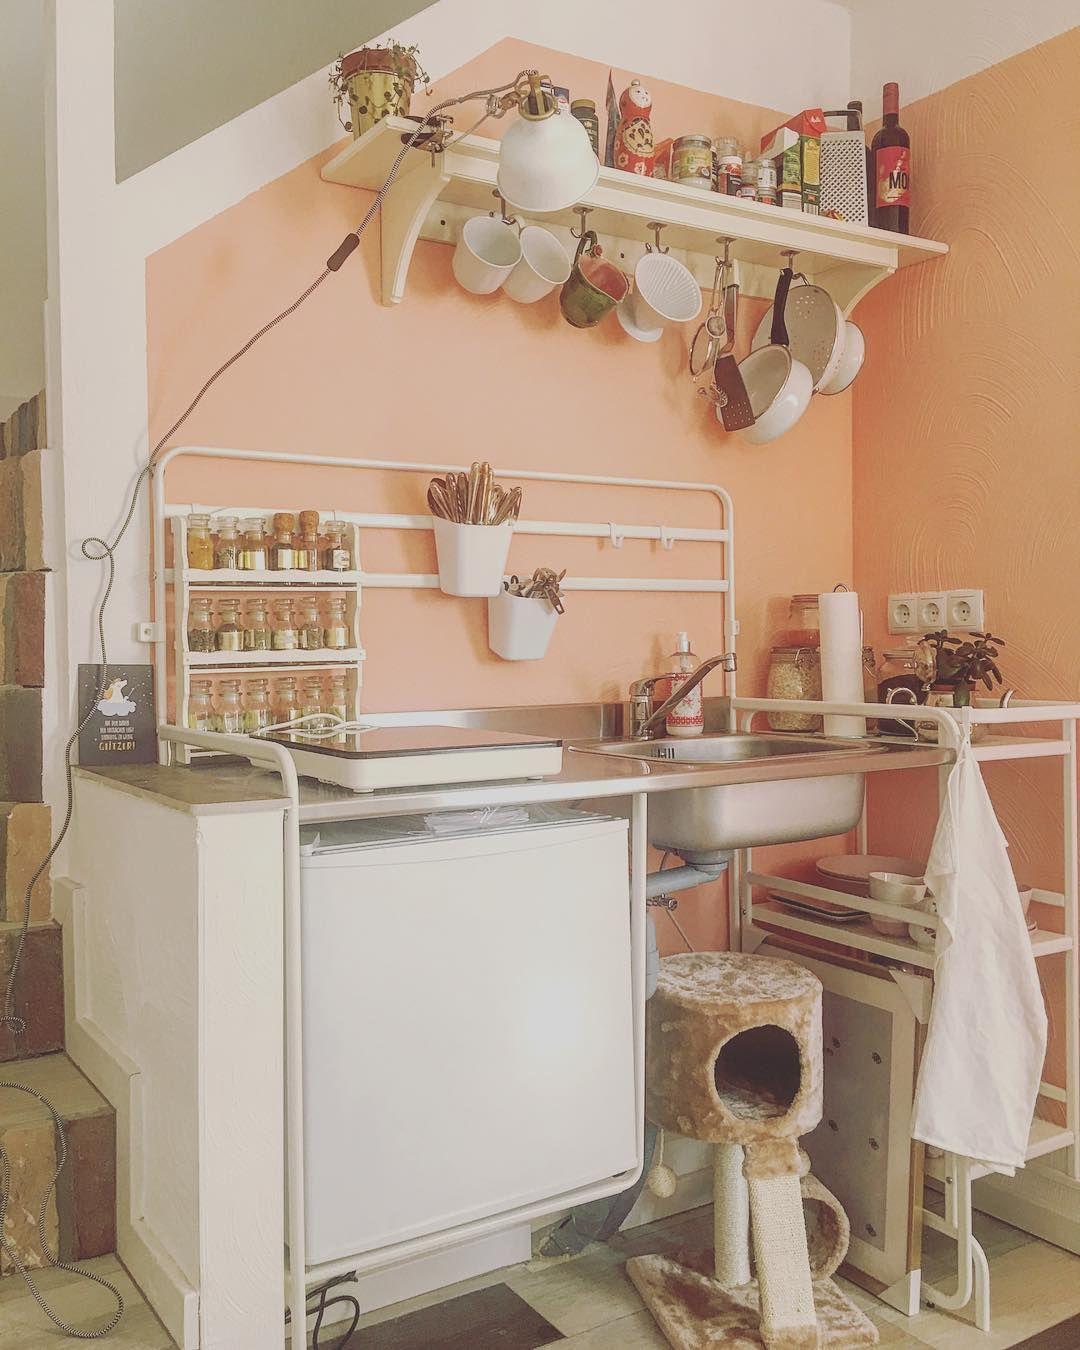 Full Size of Miniküche Ikea Küche Kosten Kaufen Sofa Mit Schlaffunktion Betten 160x200 Stengel Modulküche Kühlschrank Bei Wohnzimmer Miniküche Ikea